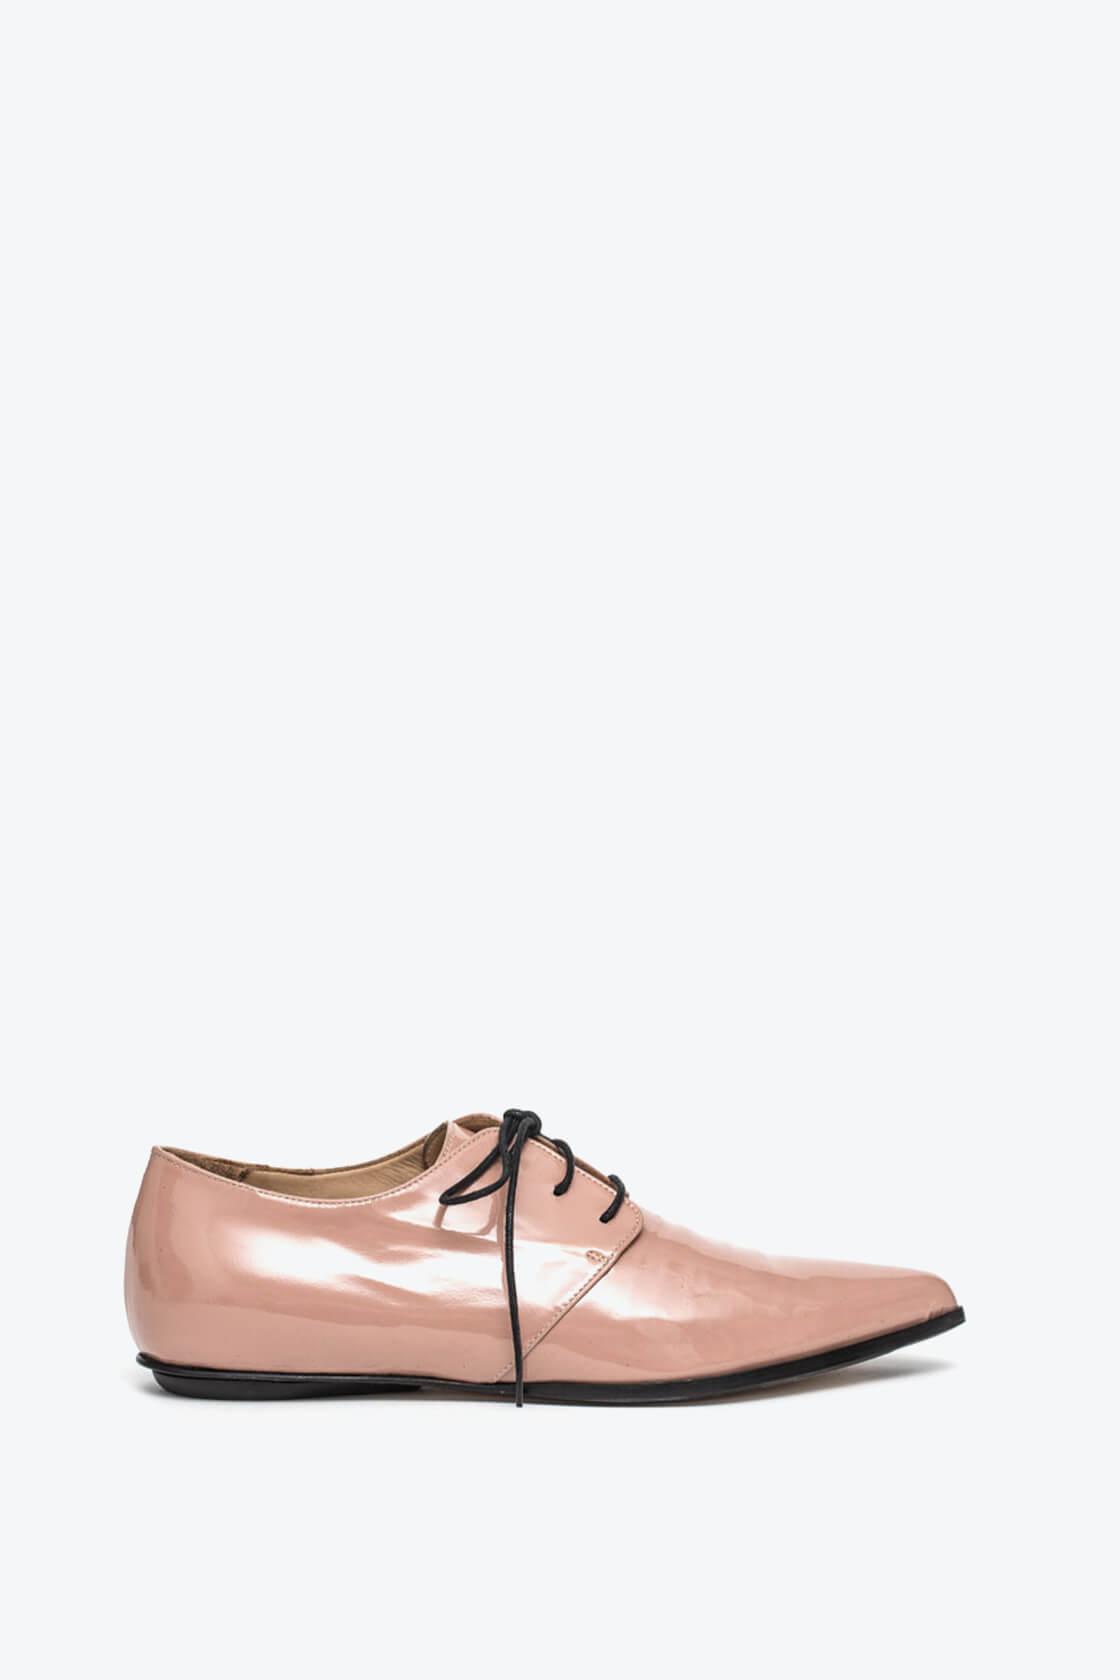 EJK0000053 Renee derby shoes nude 1